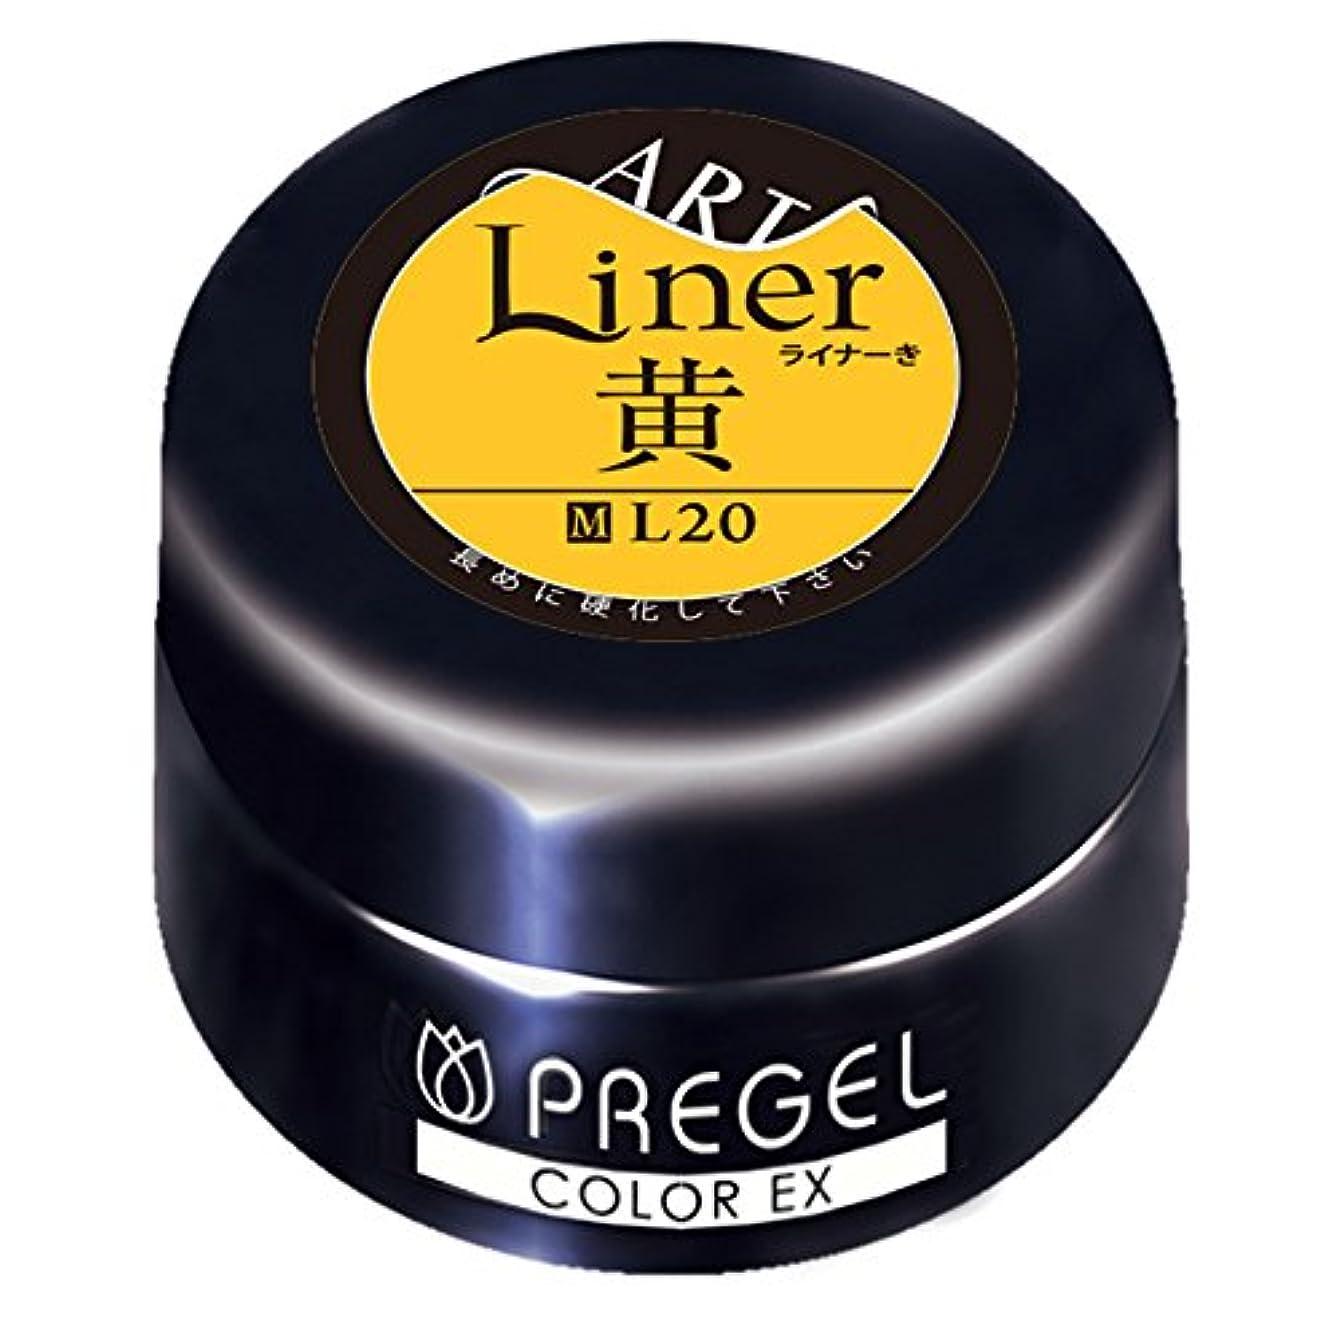 ラメ追い越す大惨事PRE GEL カラーEX ライナー黄 3g PG-CEL20 UV/LED対応